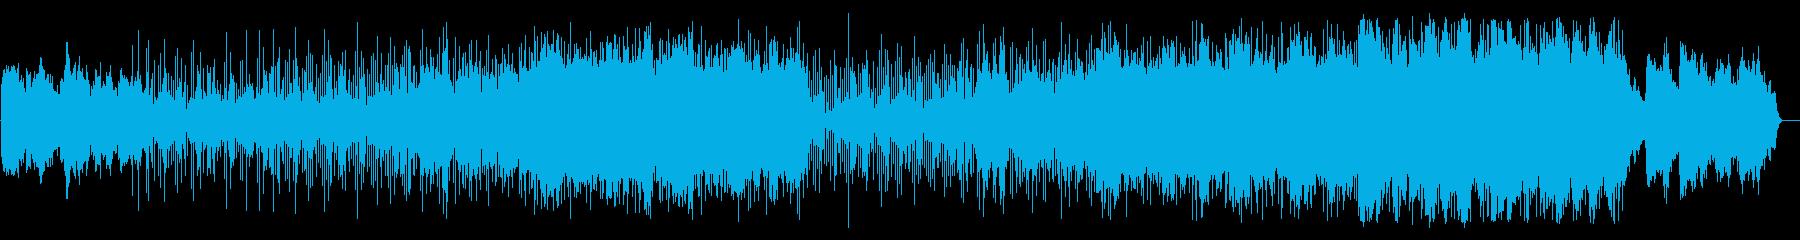 ノスタルジックバイオリンのフリーソウルの再生済みの波形